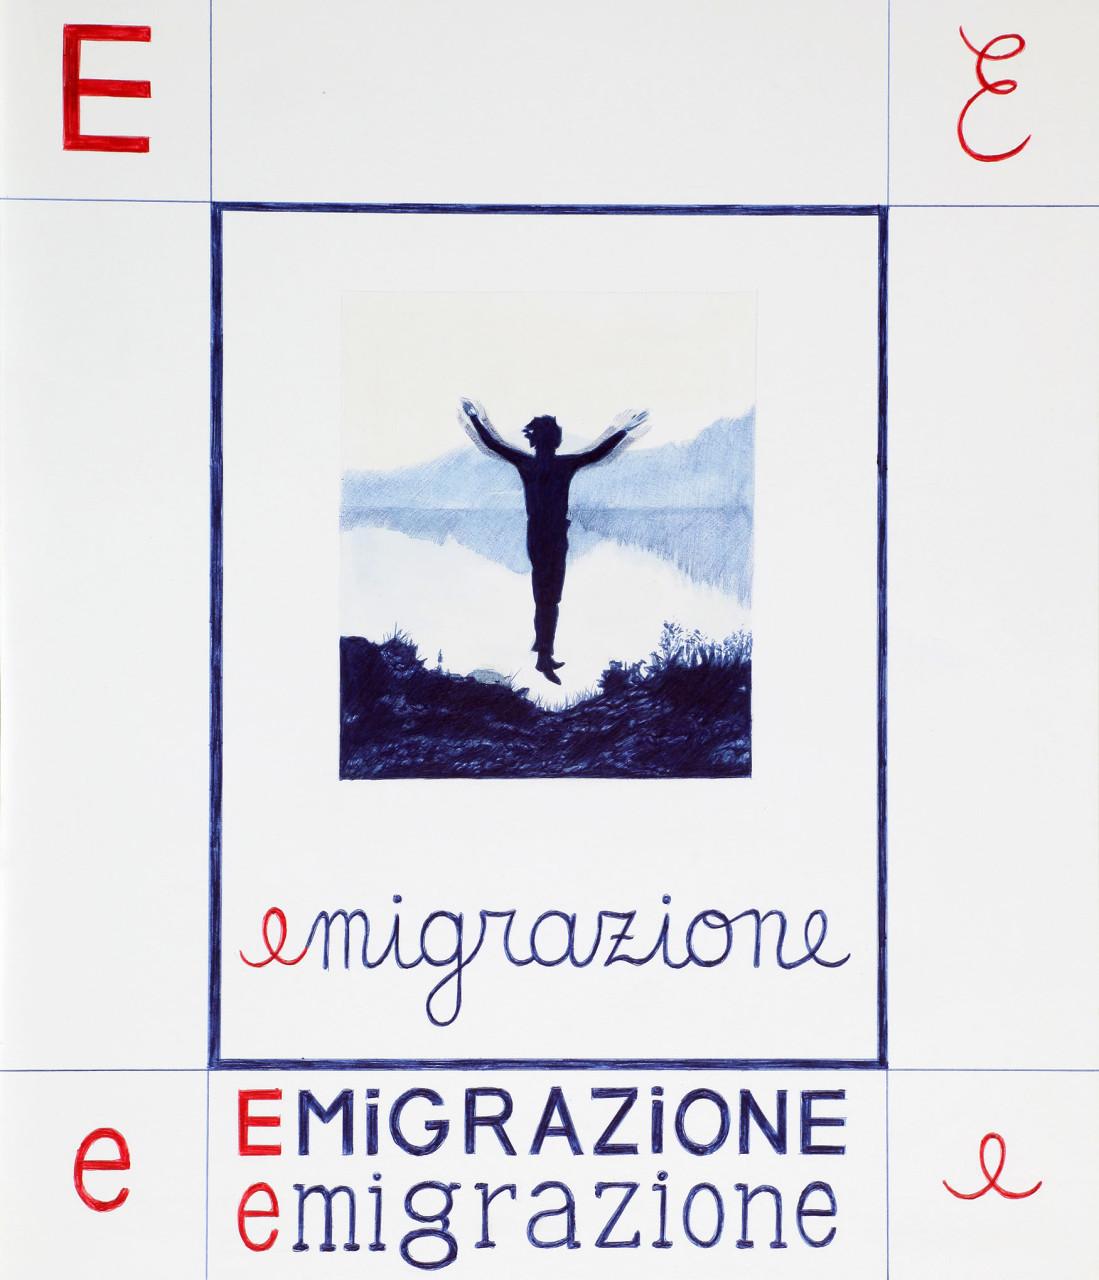 05E-emigrazione_bassa